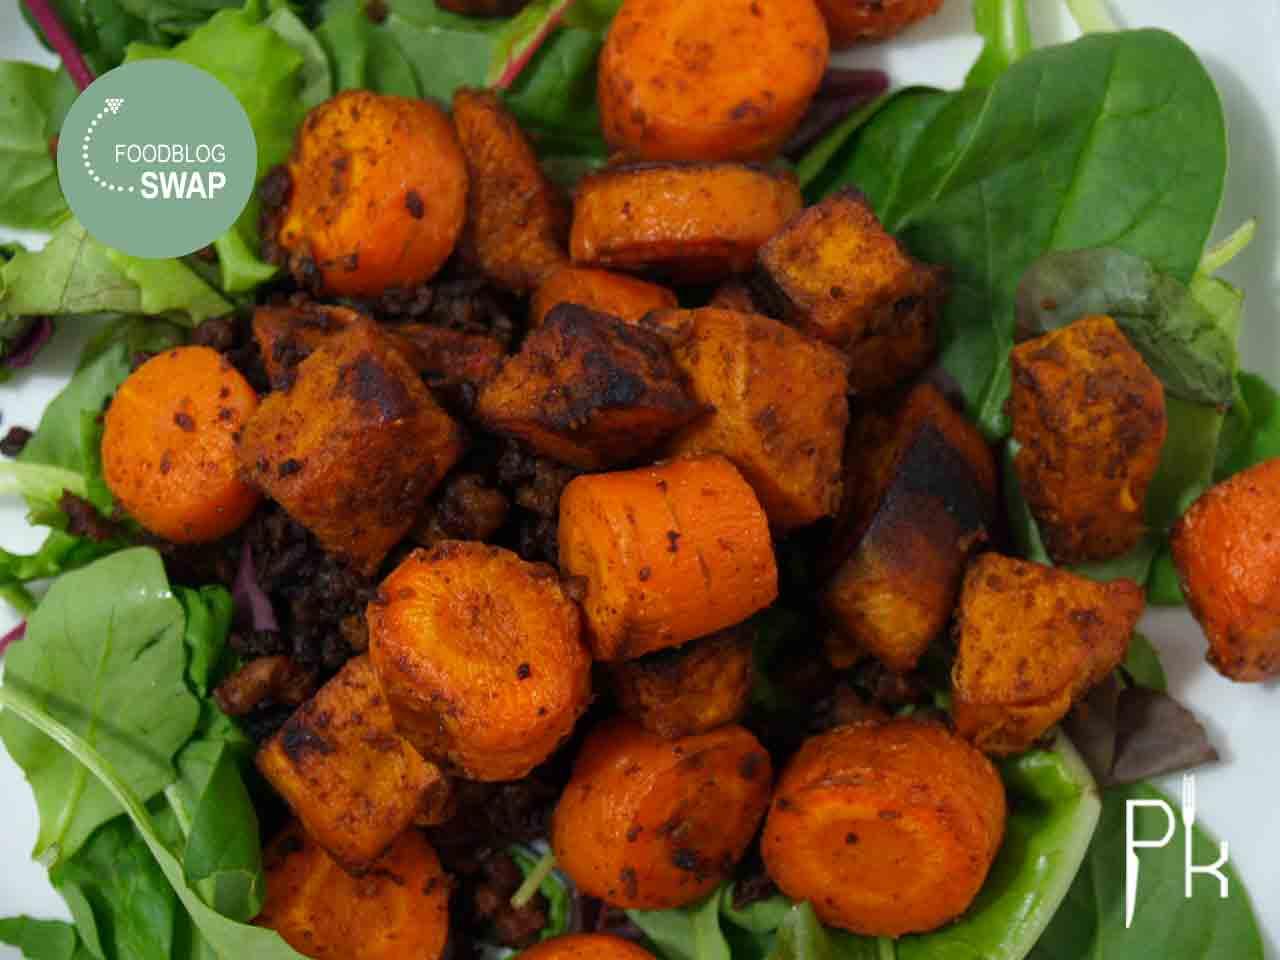 gehakt schotel met wortel en zoete aardappel